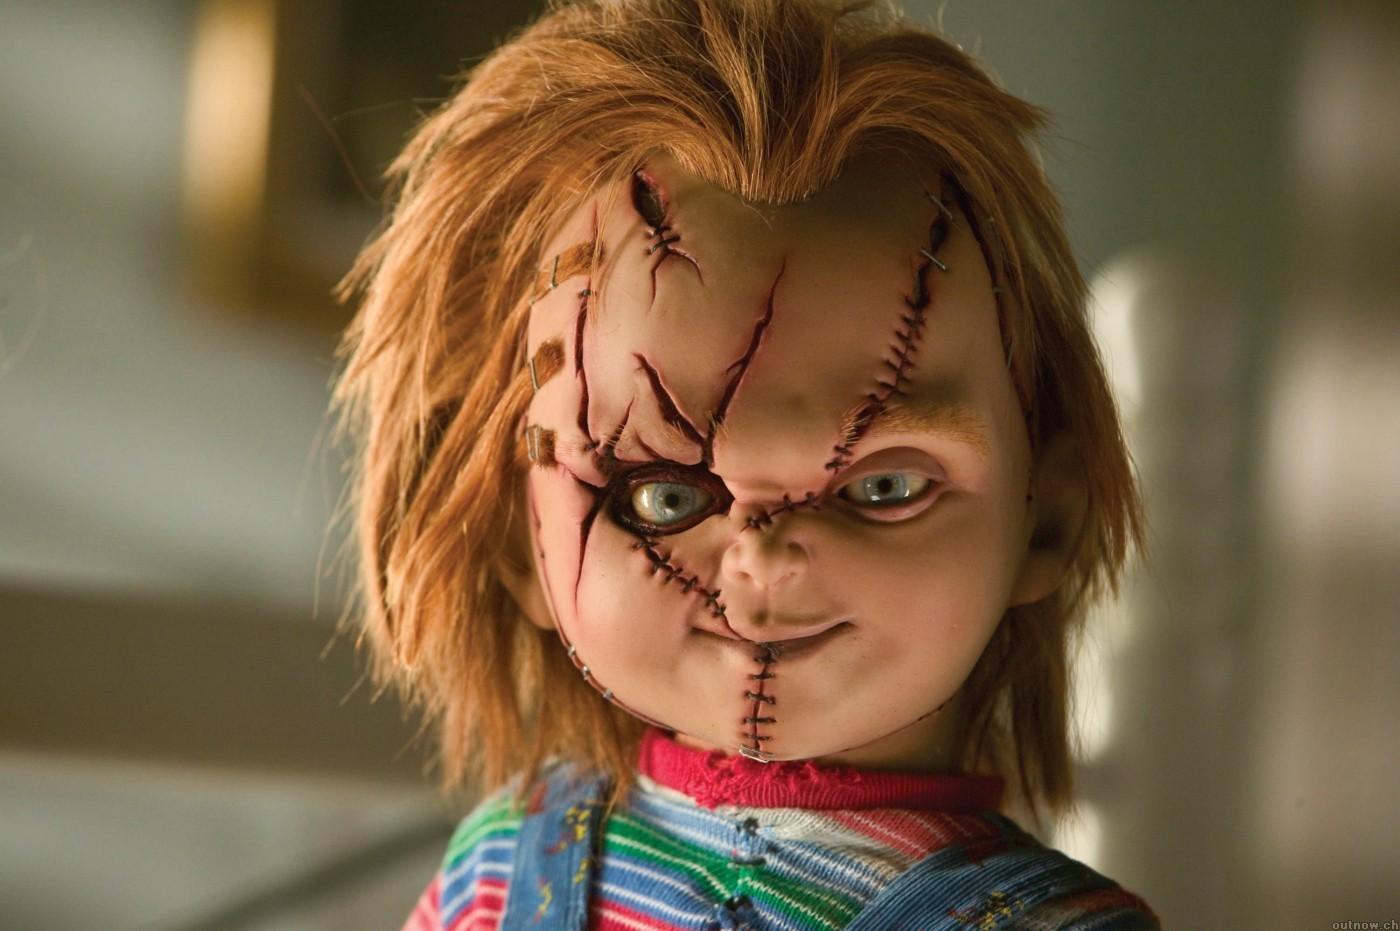 Прикольные картинки фильмов ужасов